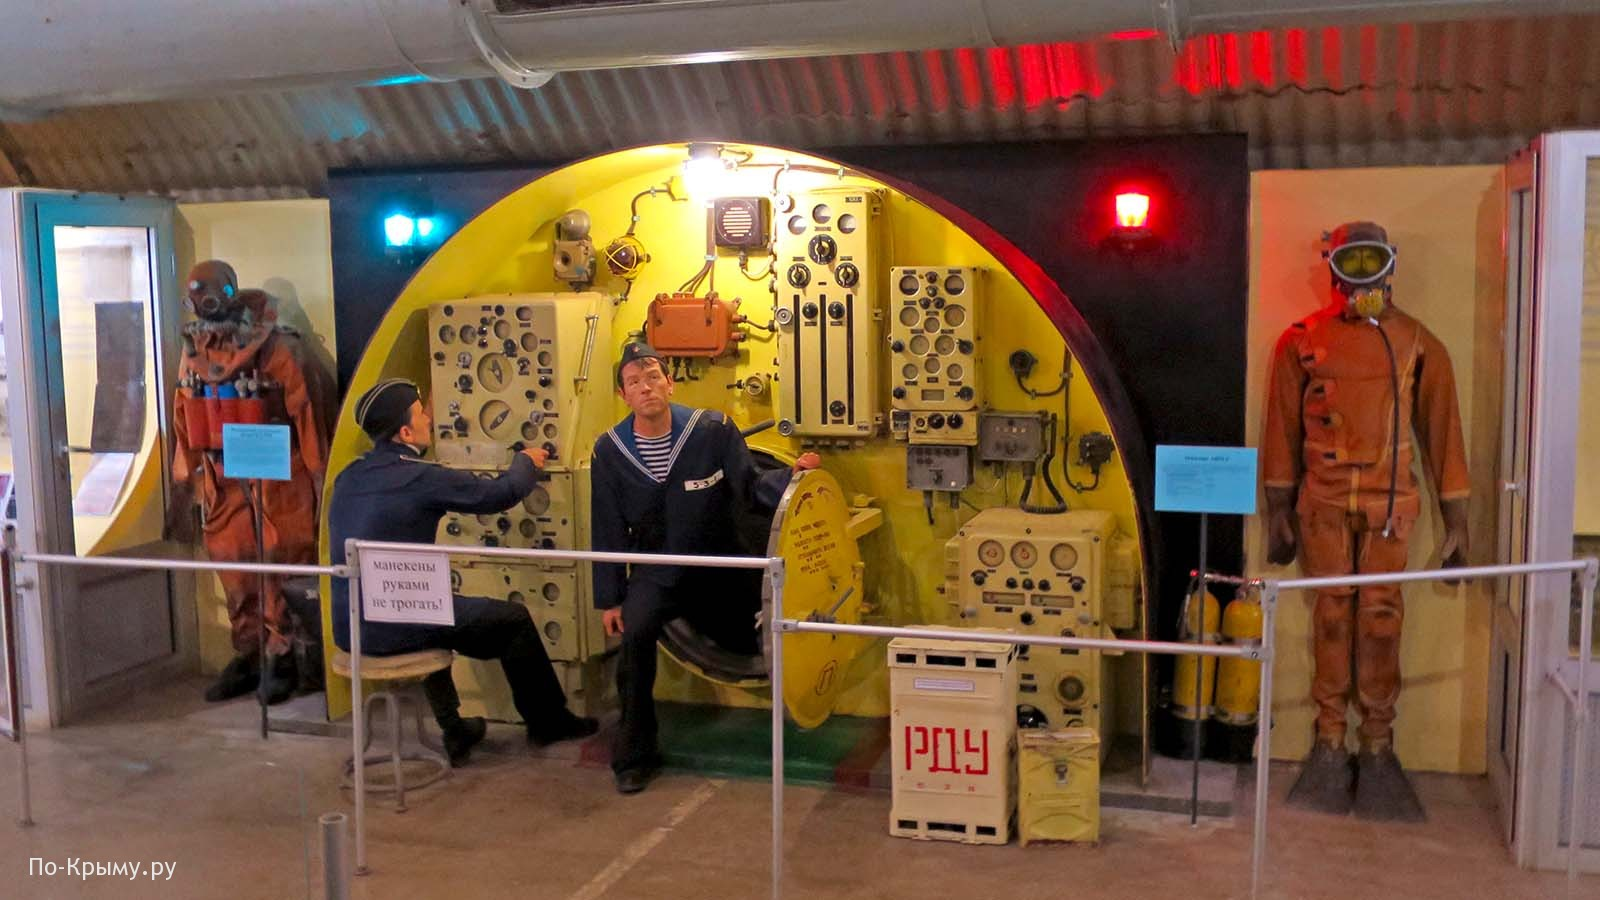 Подземный музей подводных лодок в Балаклаве - экспозиция